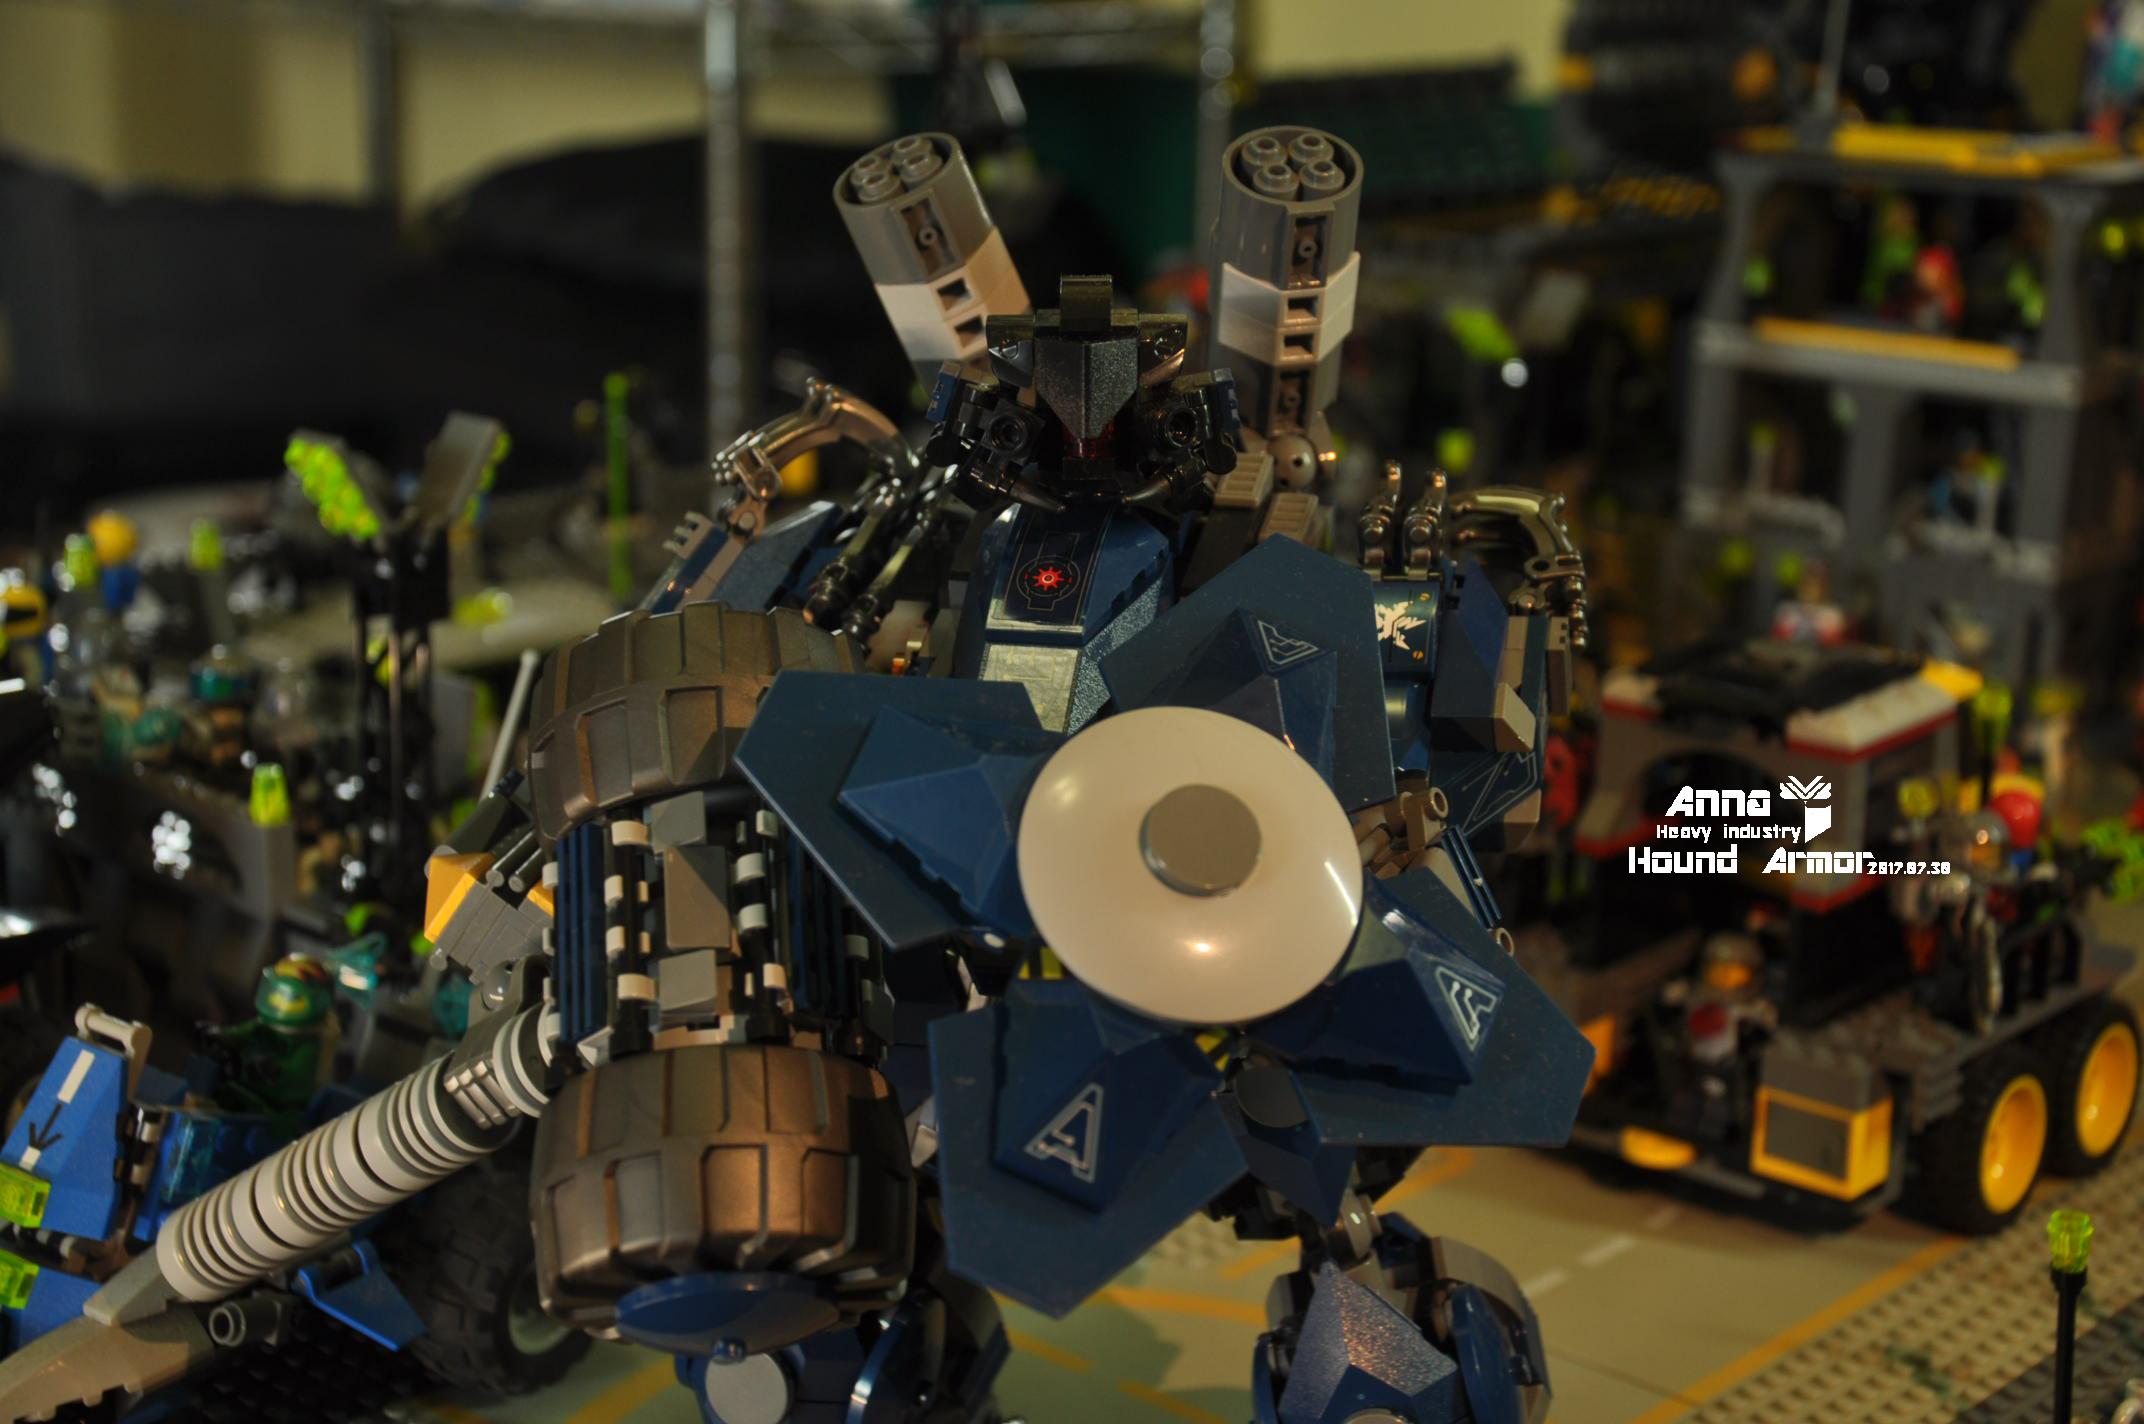 【2017夏季賽】忍者機甲大賽-B組-獵犬機甲- Hound armor